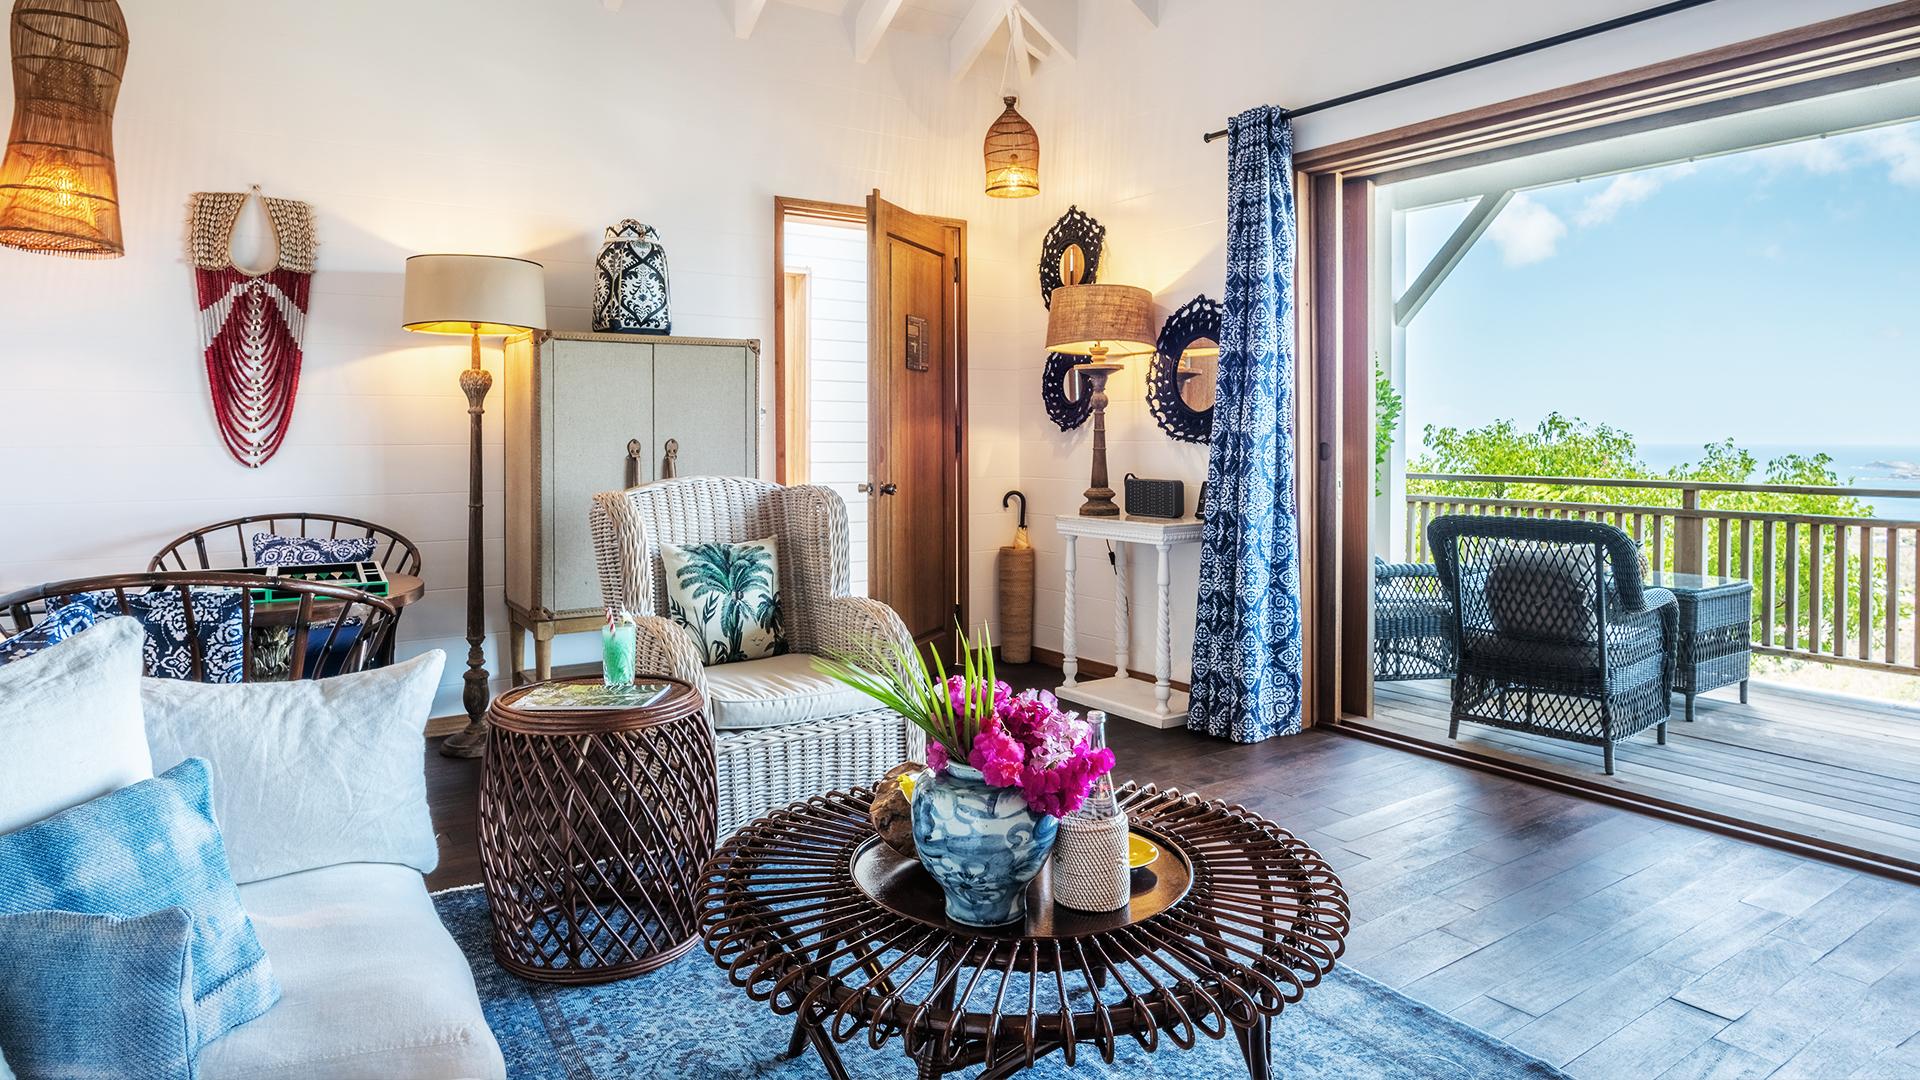 Villa Saline - Private villa